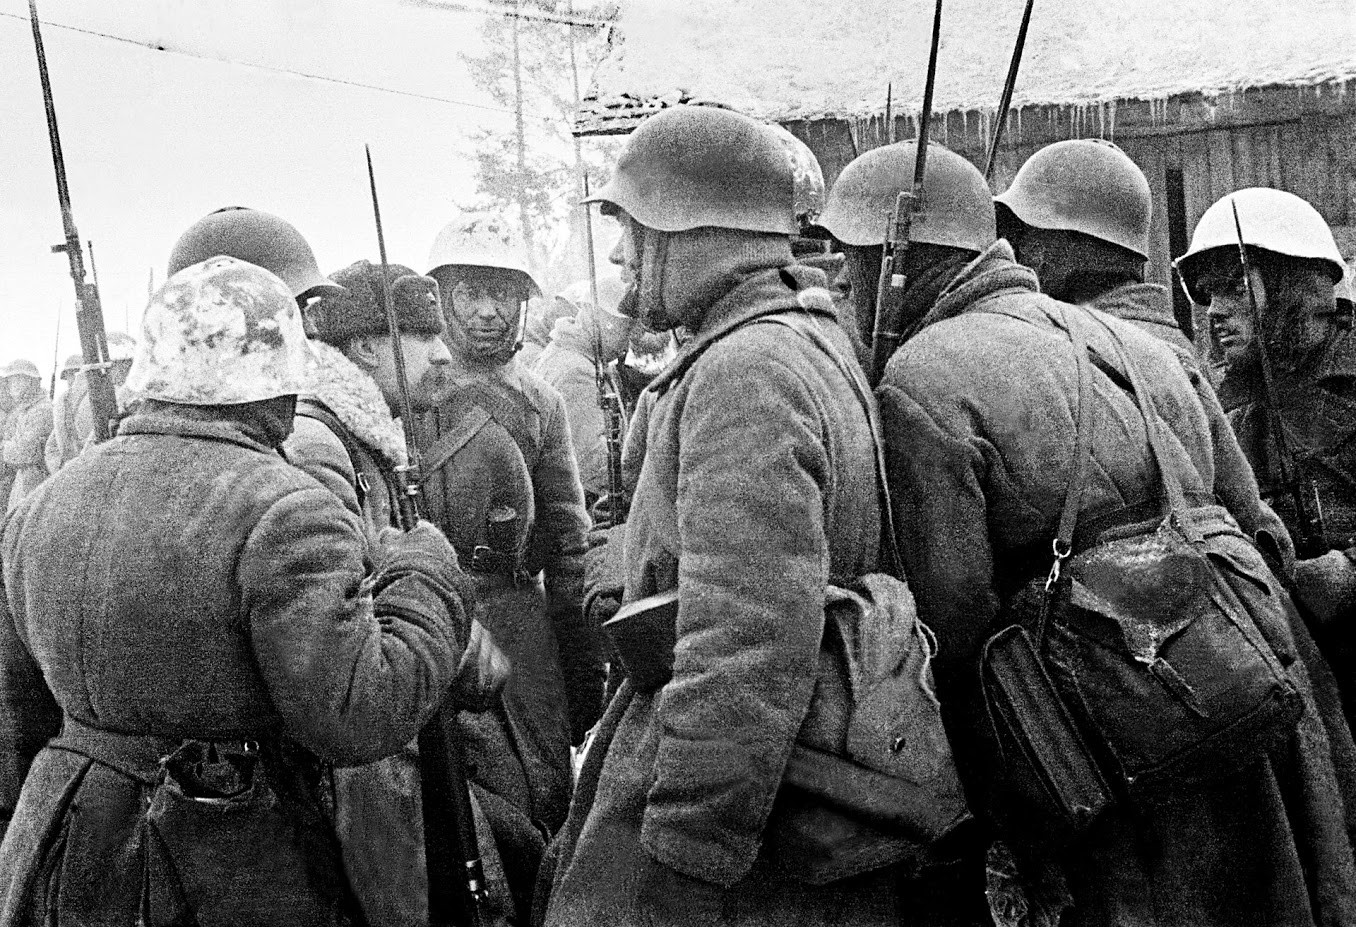 Karelijski prelaz, februar 1940, poveljnik daje navodila pred začetkom boja